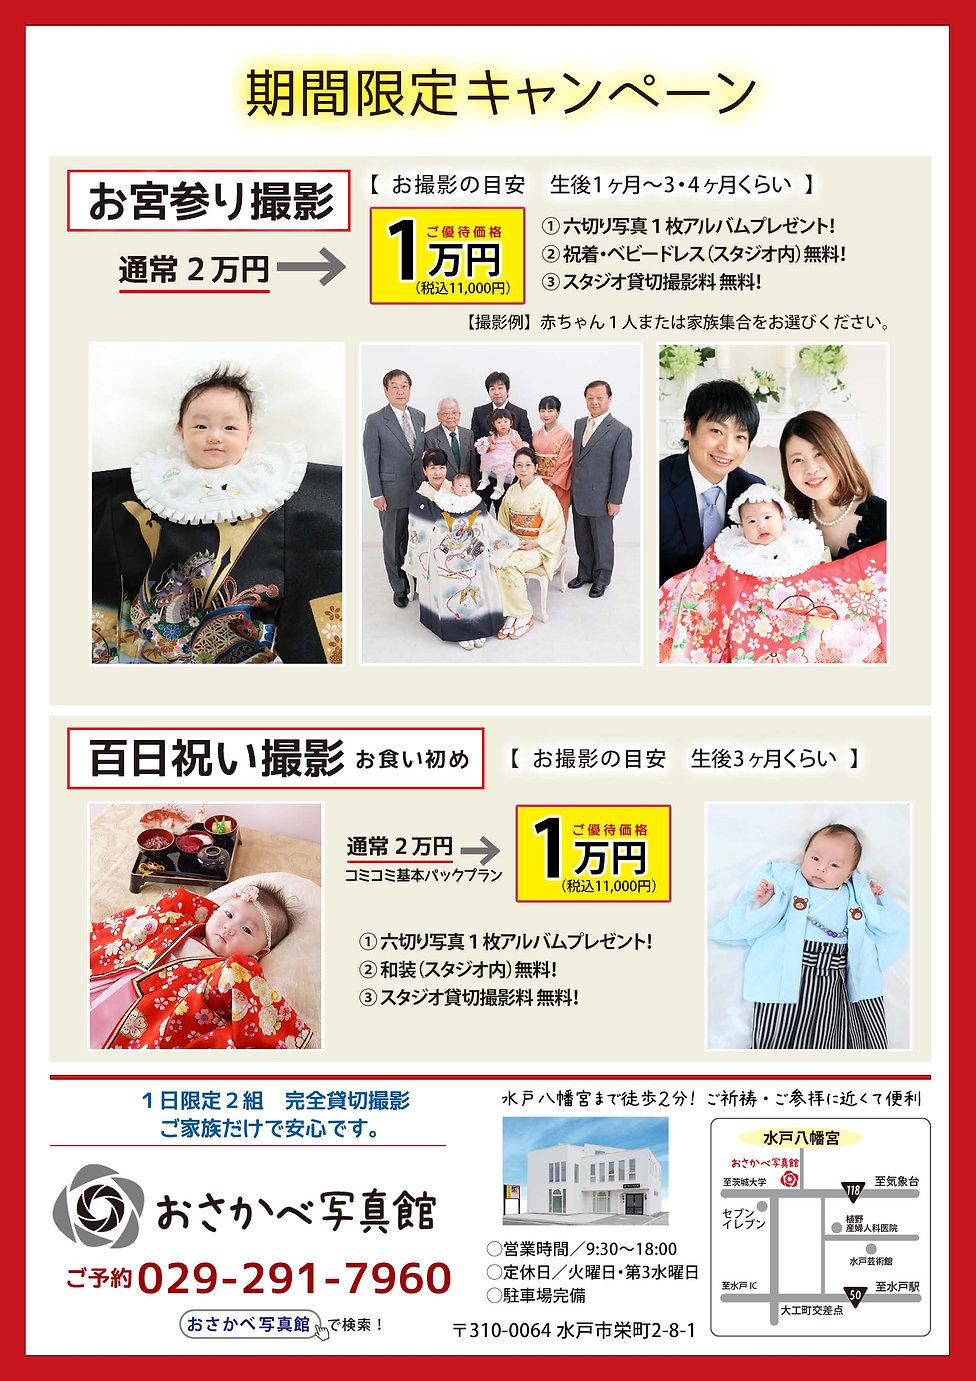 omiya&hyakunichi.jpg